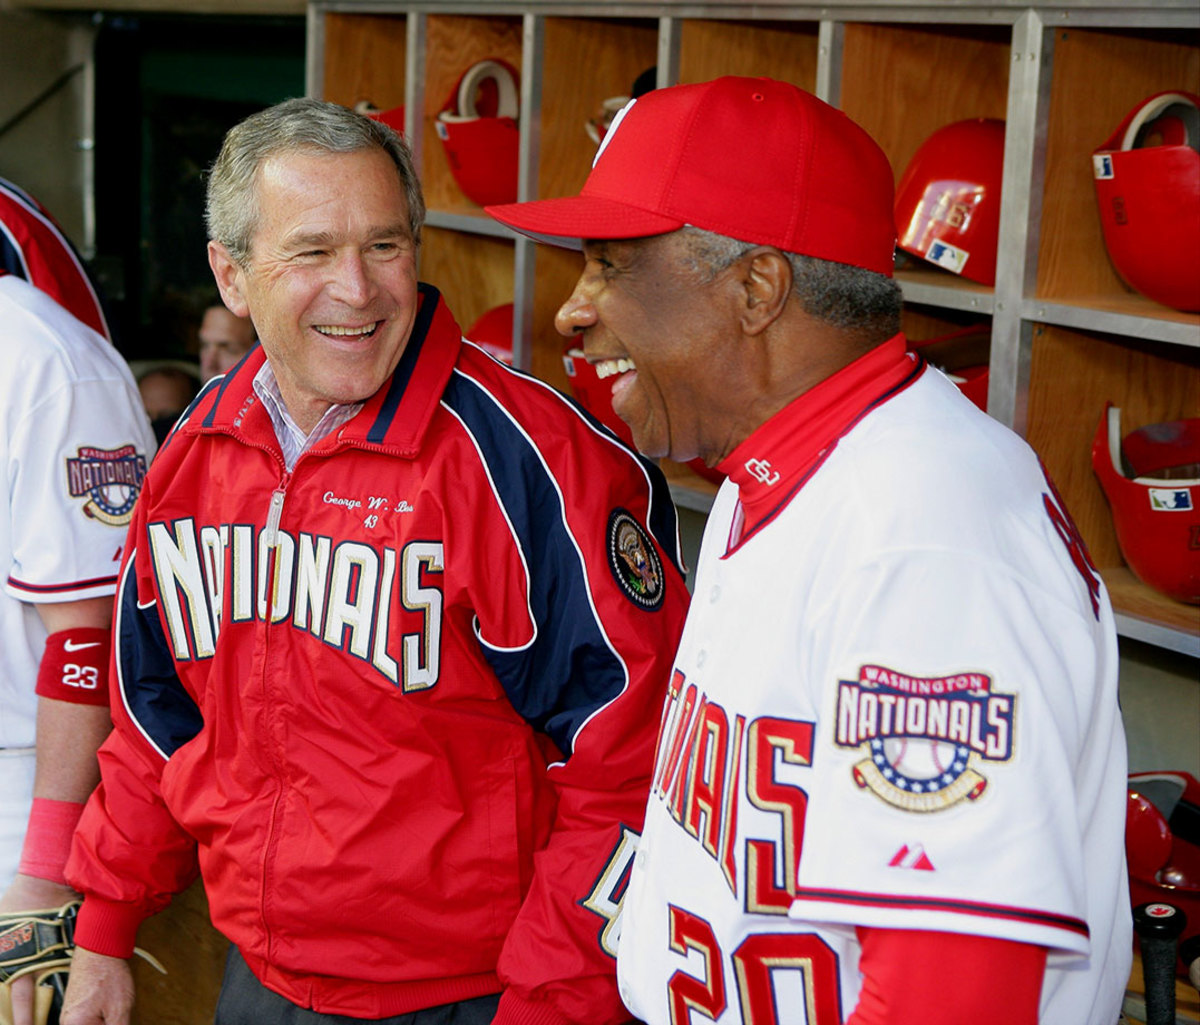 2005-0414-George-W-Bush-Frank-Robinson-014440532.jpg